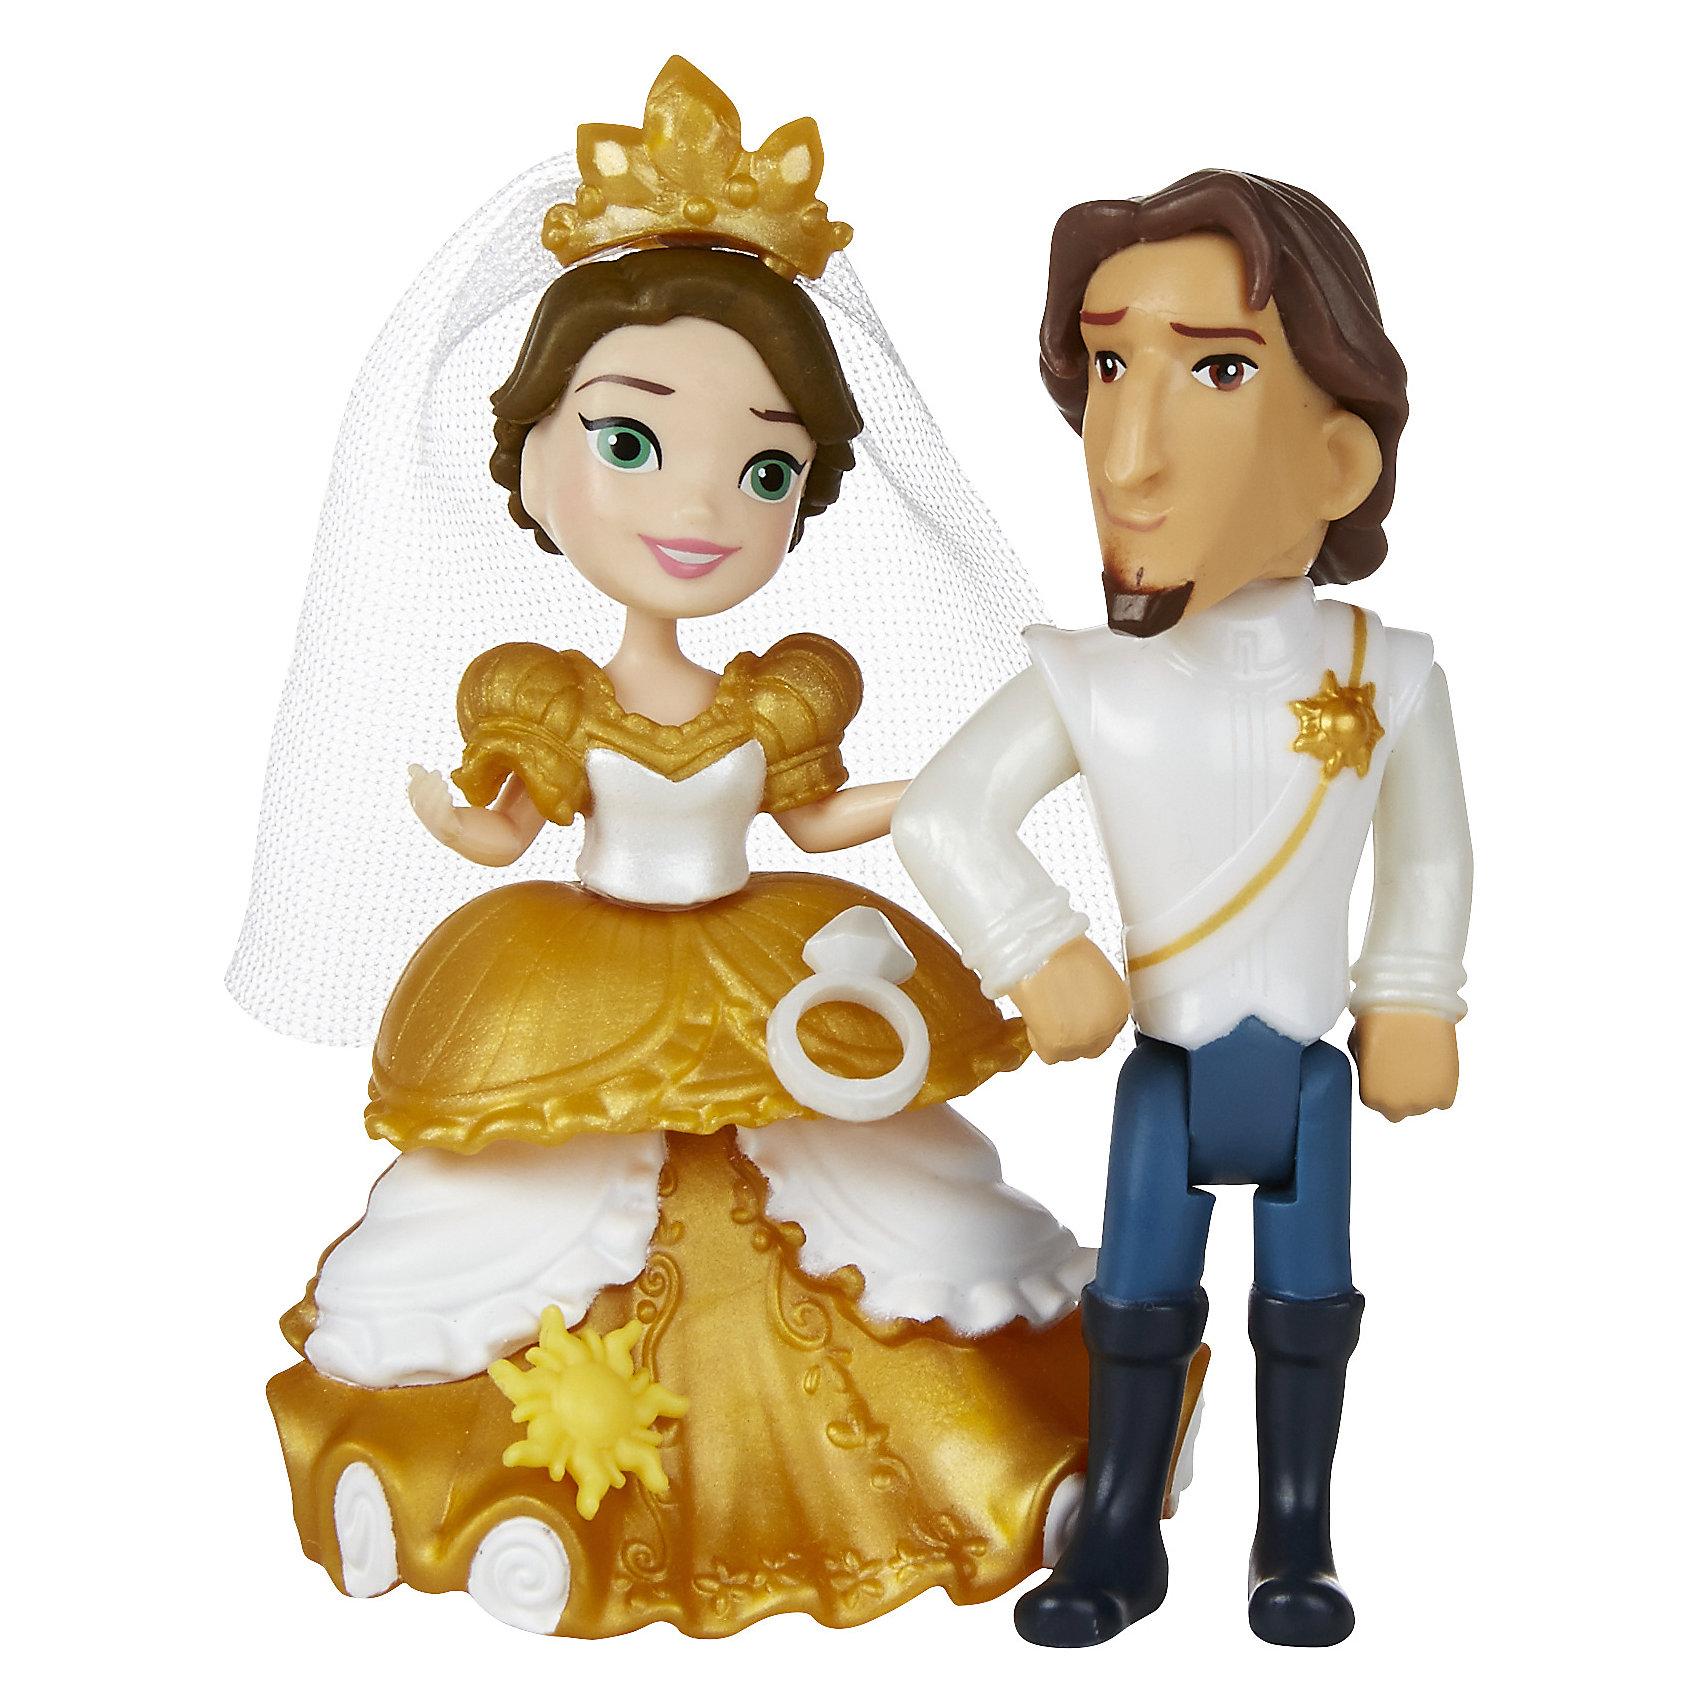 Игровой набор Принцесса Бель, Принцессы ДиснейИгрушки<br>В игровых наборах проиграй историю весной появляются Аврора и Рапунцель. Каждый набор упакован в твердый пластиковый кейс, в который можно упаковать все детали набора и удобно носить с собой за ручку. В кейсе есть задник, на котором изображена одна из сцен из истории принцессы. В набор входит кукла и большие аксессуары для игры. Осенью в линейку добавляется Жасмин. Всего 3 разных набора в 2 волны в течение года.<br><br>Ширина мм: 56<br>Глубина мм: 225<br>Высота мм: 200<br>Вес г: 358<br>Возраст от месяцев: 48<br>Возраст до месяцев: 96<br>Пол: Женский<br>Возраст: Детский<br>SKU: 4874308